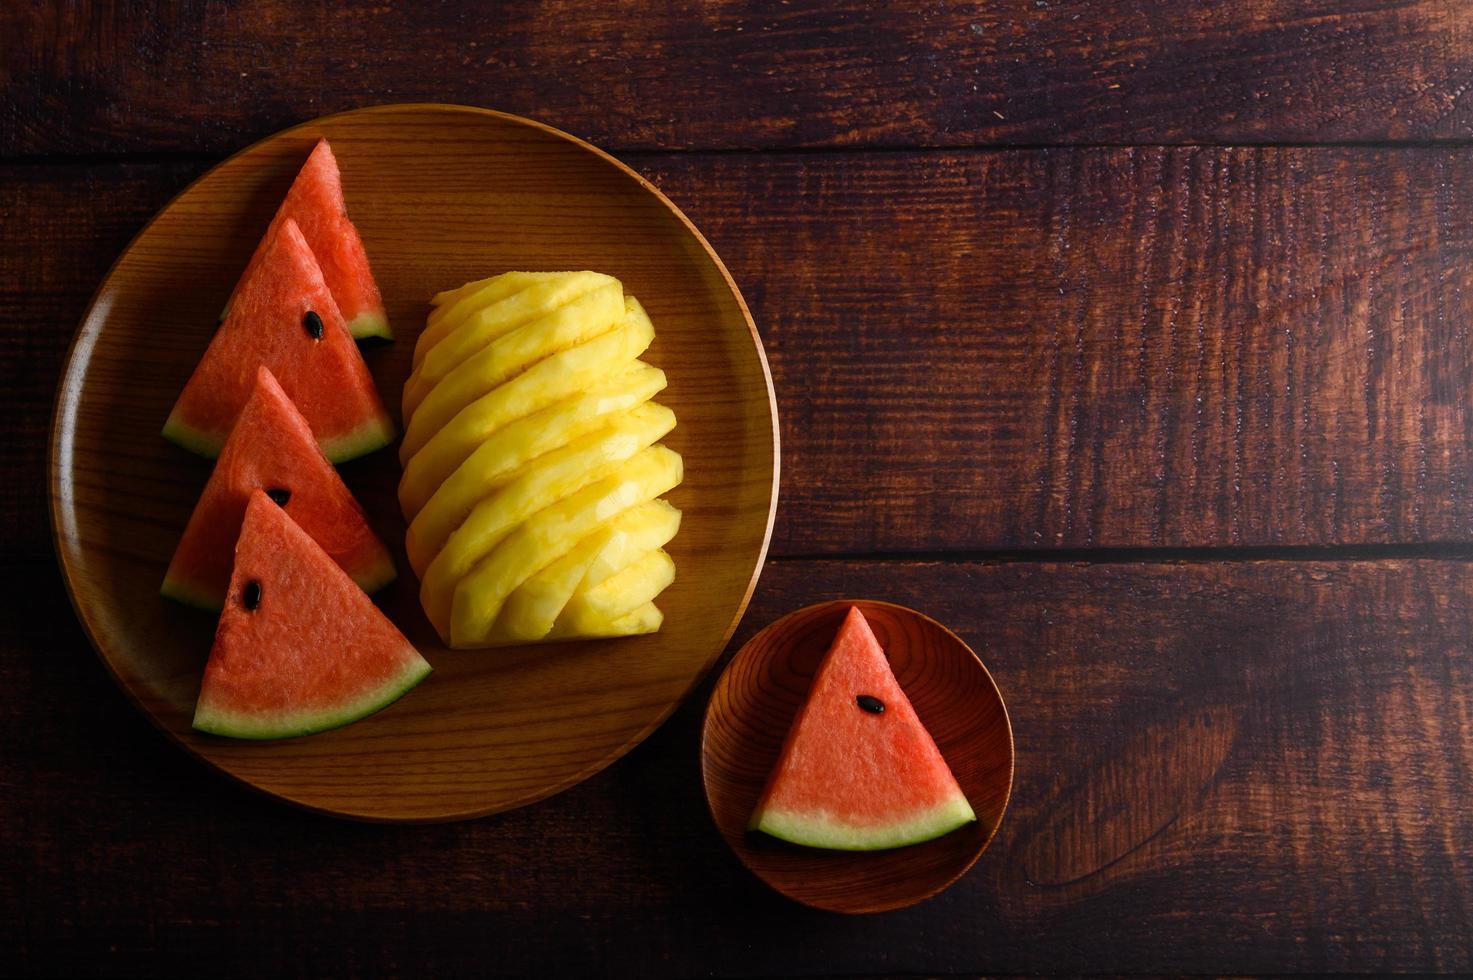 Wassermelonen- und Ananasscheiben auf dunklem Holztisch foto